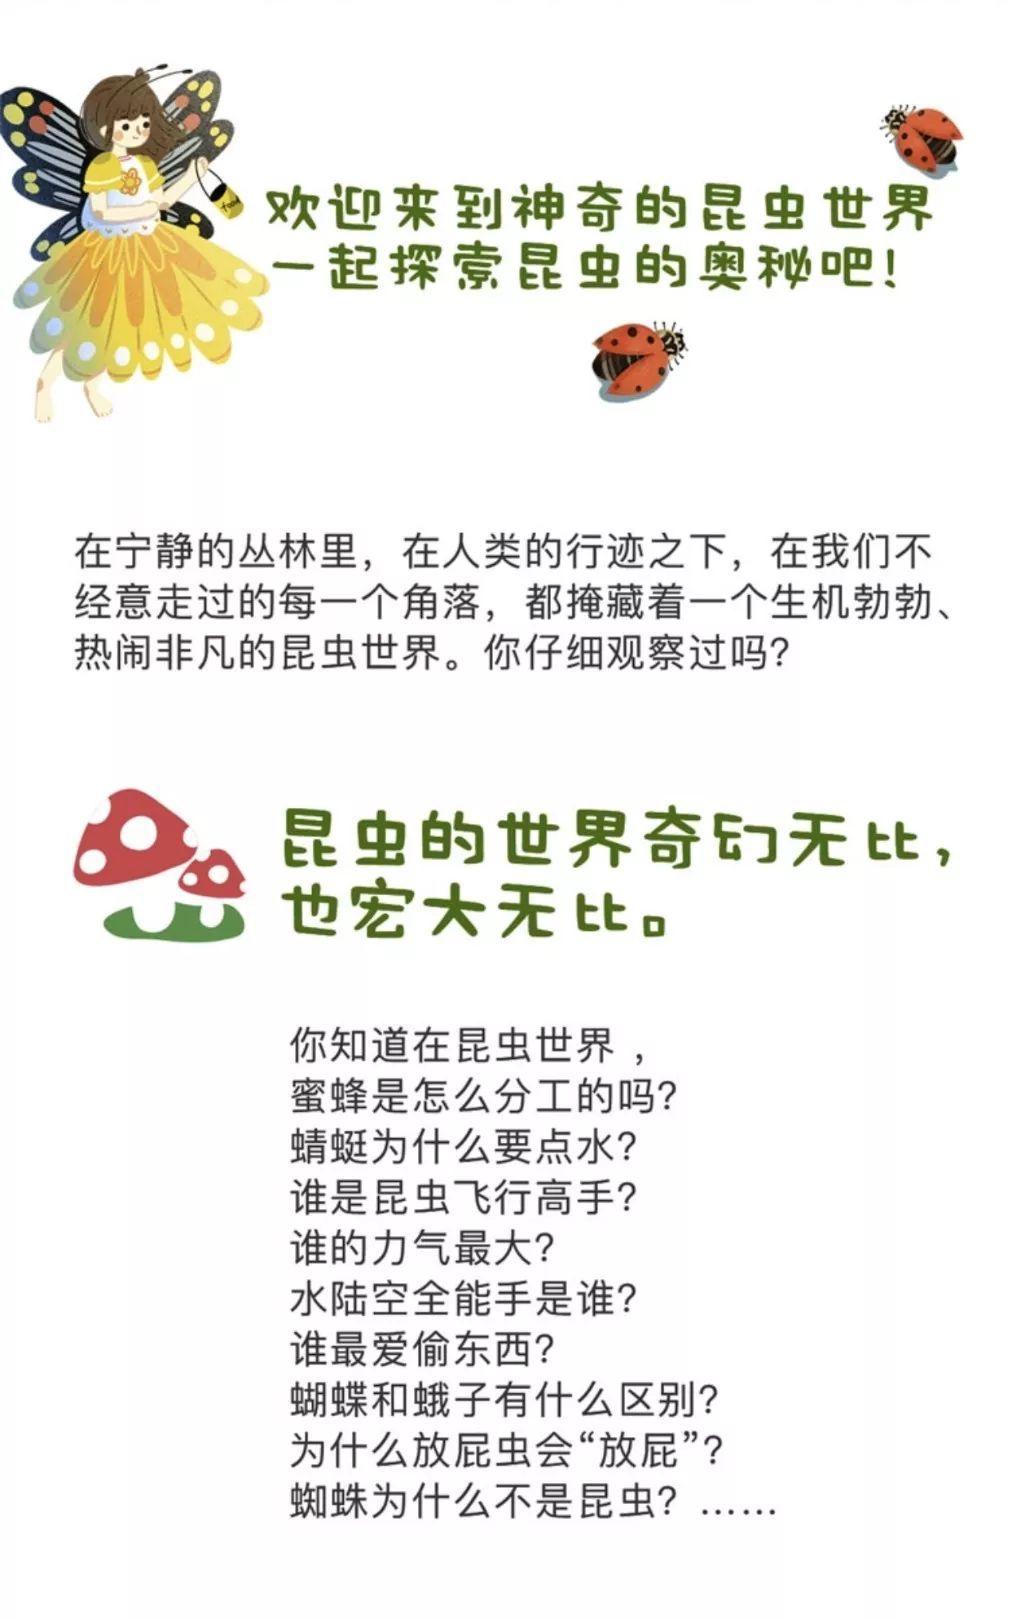 探尋昆蟲世界的奧秘:奶泡泡昆蟲日記(上)27集mp3有聲故事_圖片 16